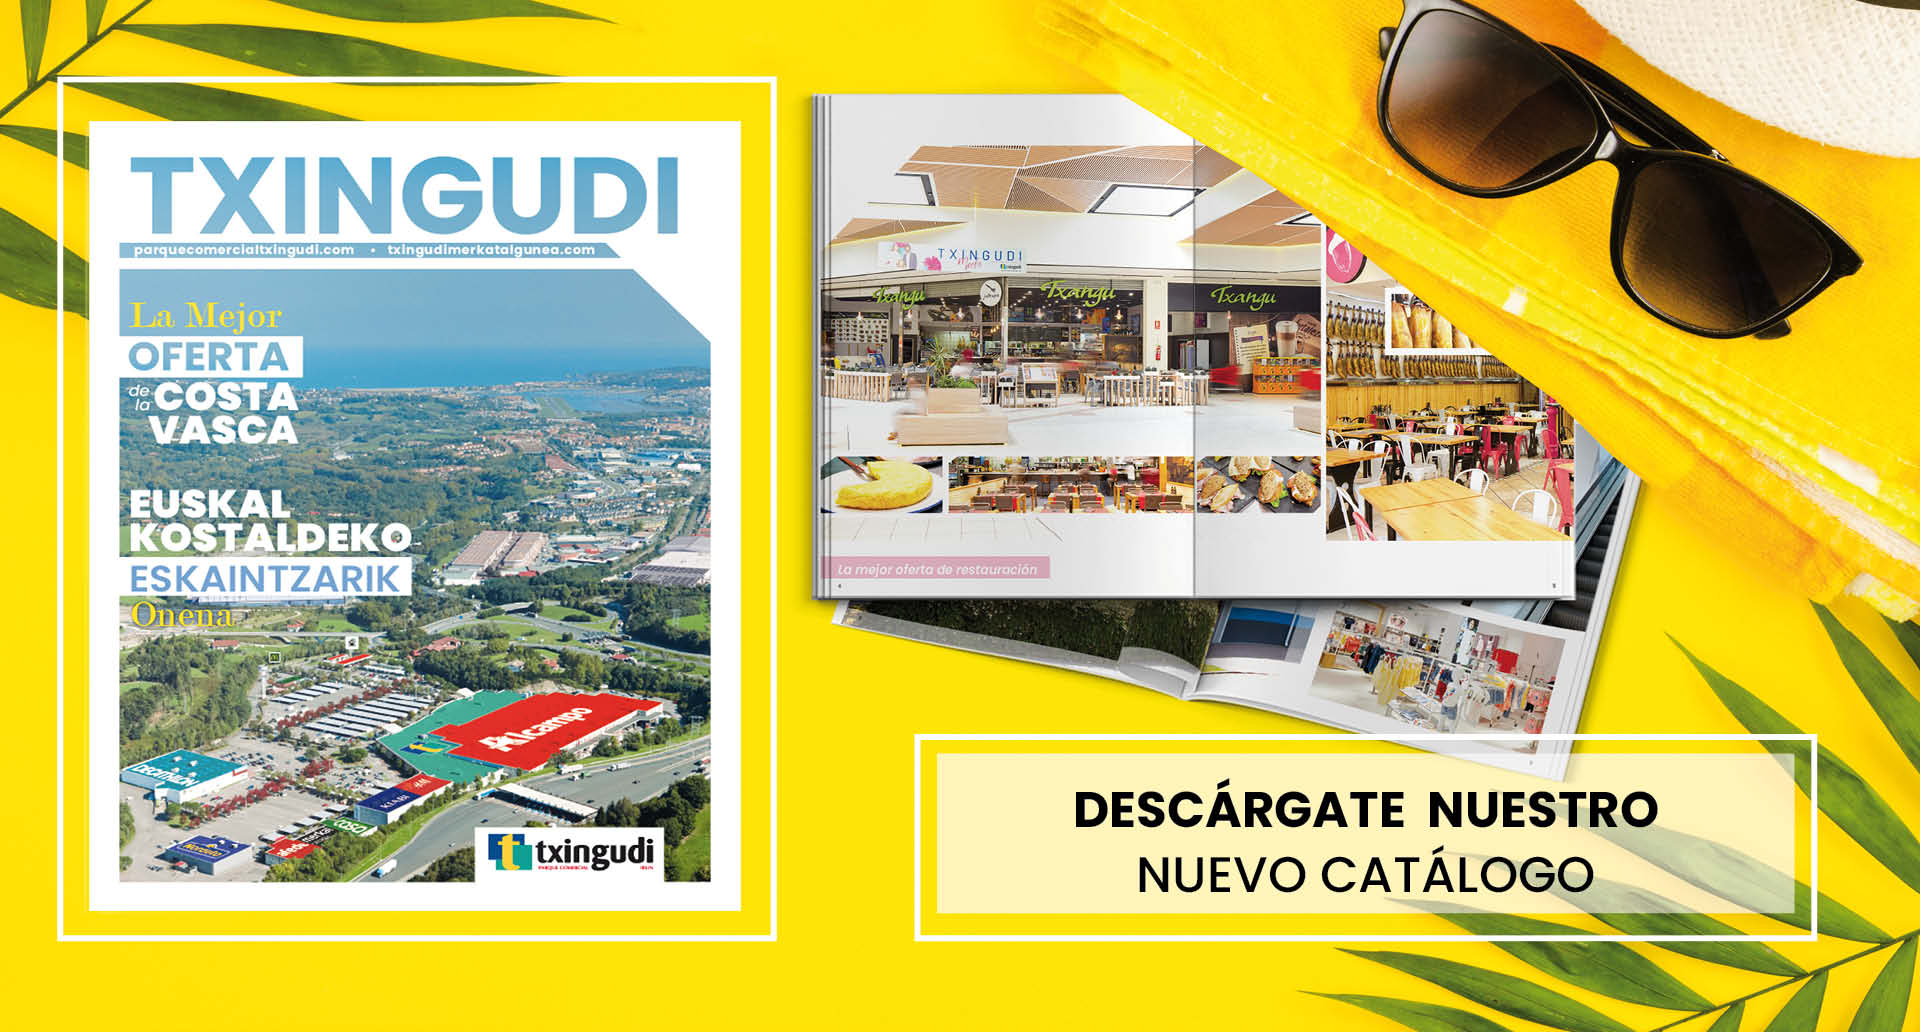 Parque Comercial Txingudi: La mejor oferta de la Costa Vasca